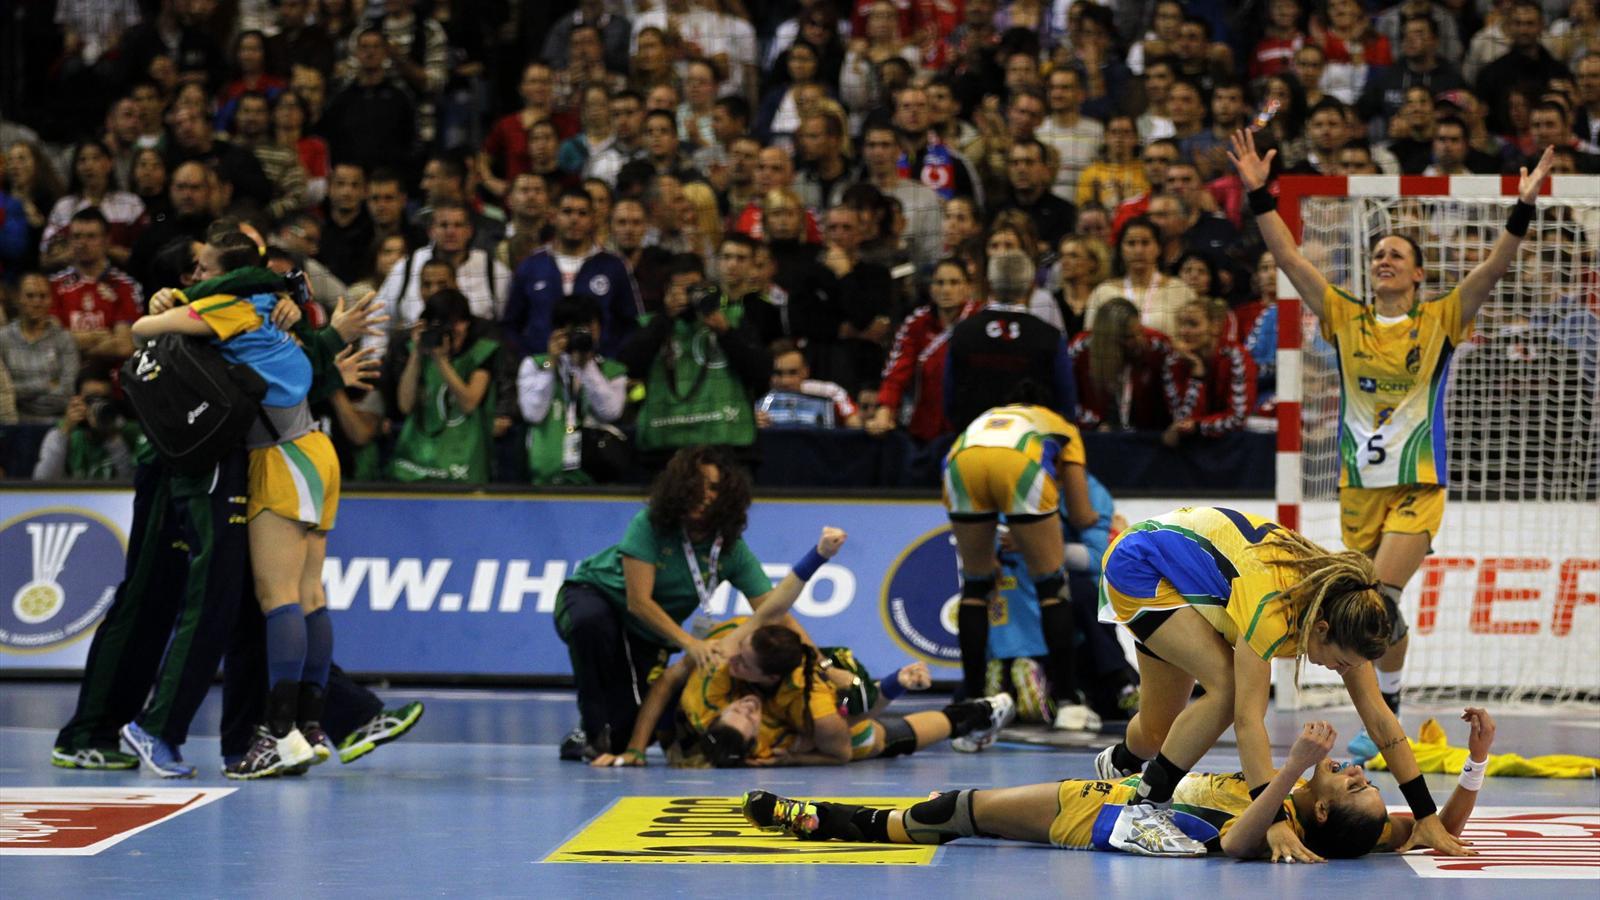 Championnat du monde f minin le br sil douche la serbie 22 20 championnat du monde f - Coupe du monde handball 2013 ...